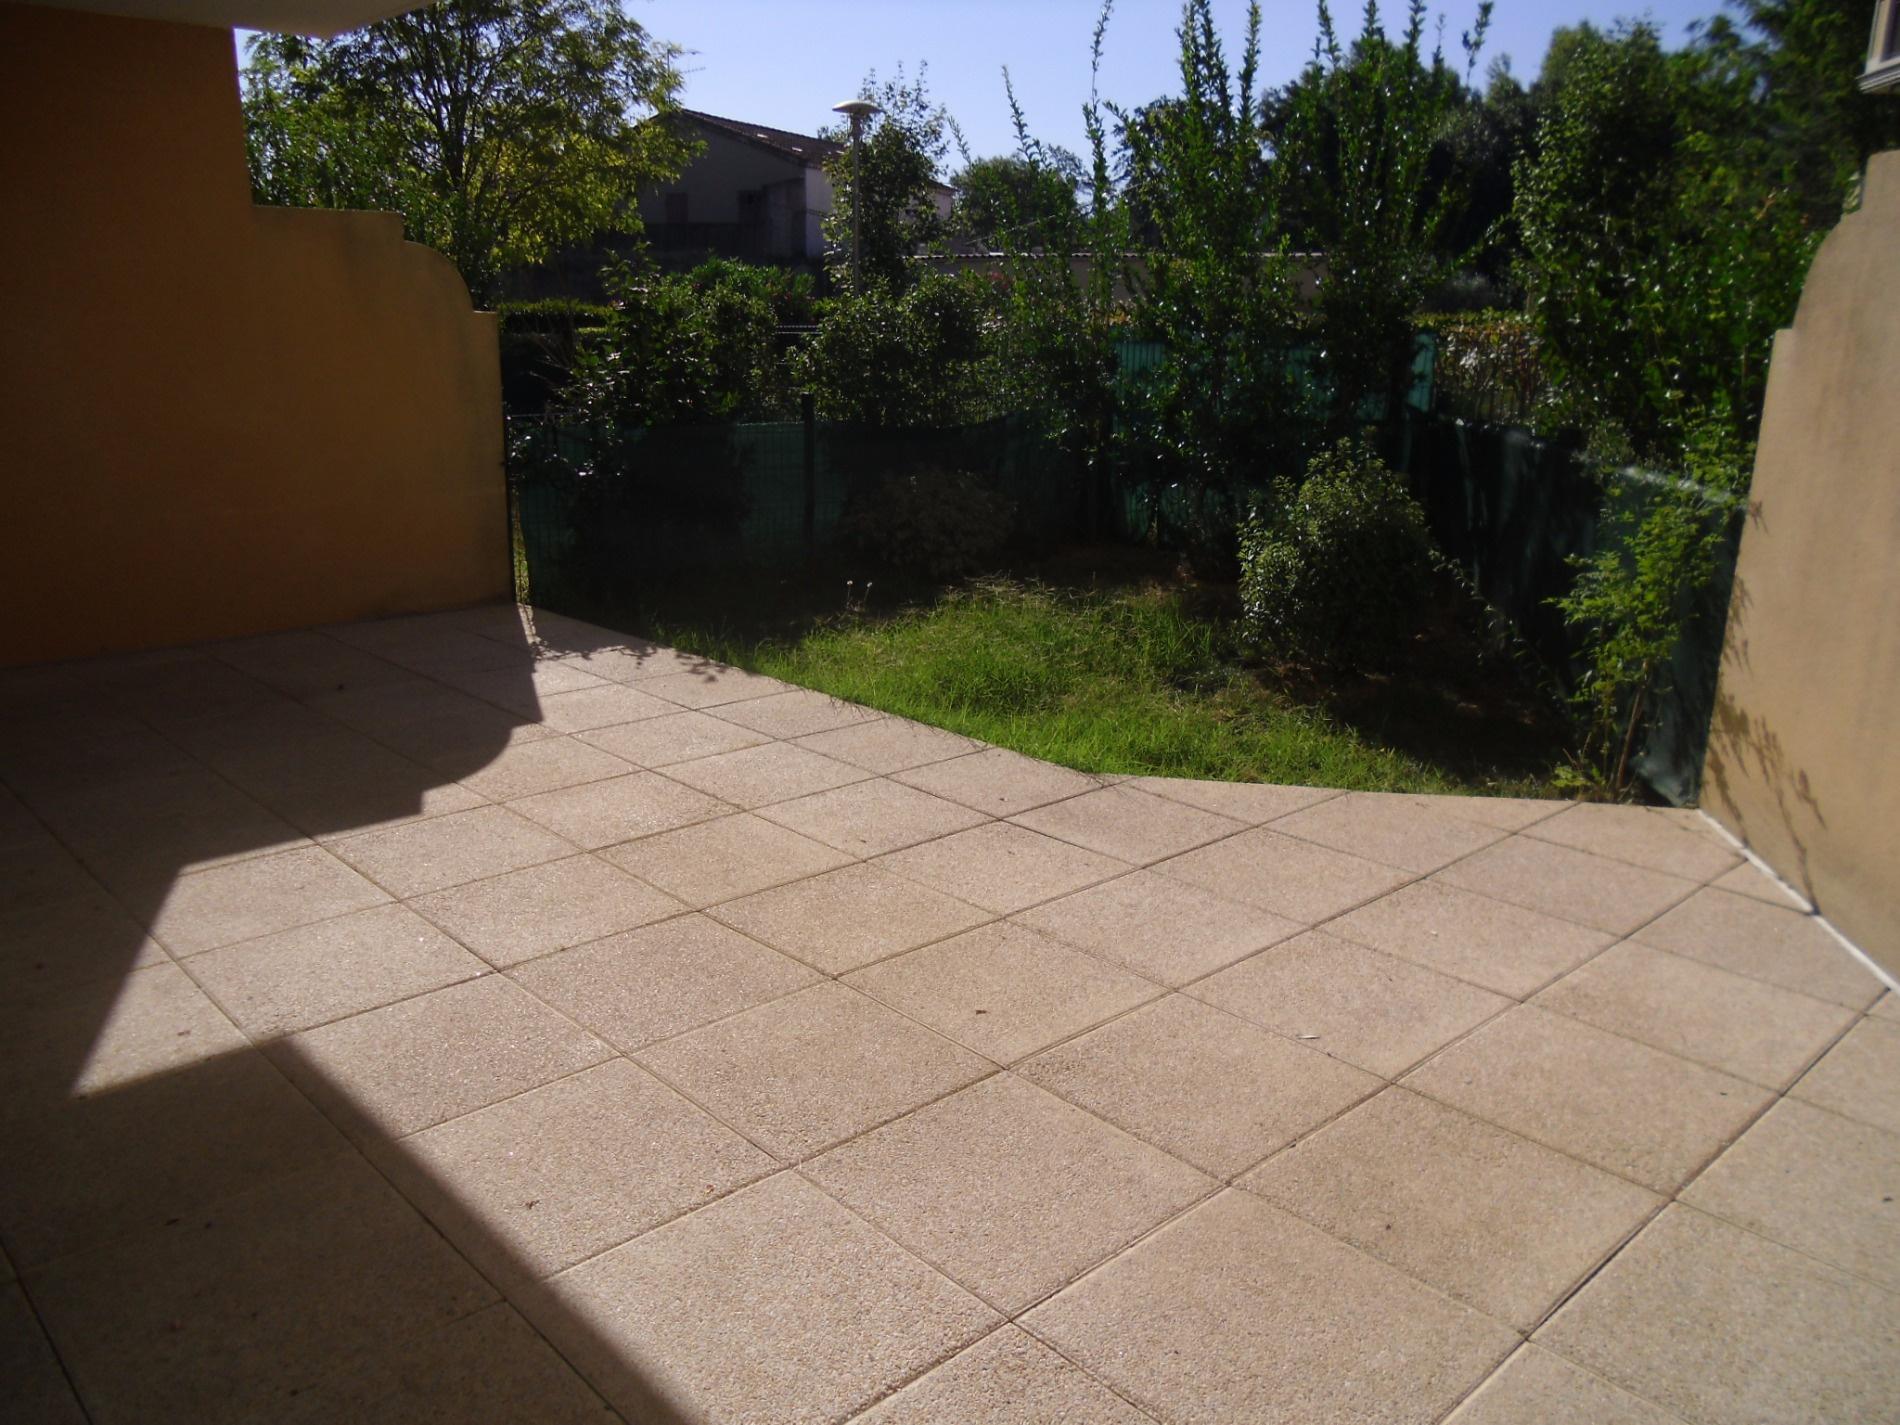 Location exclusivite brignoles beau t2 en rez de jardin for Location rez de jardin yvelines